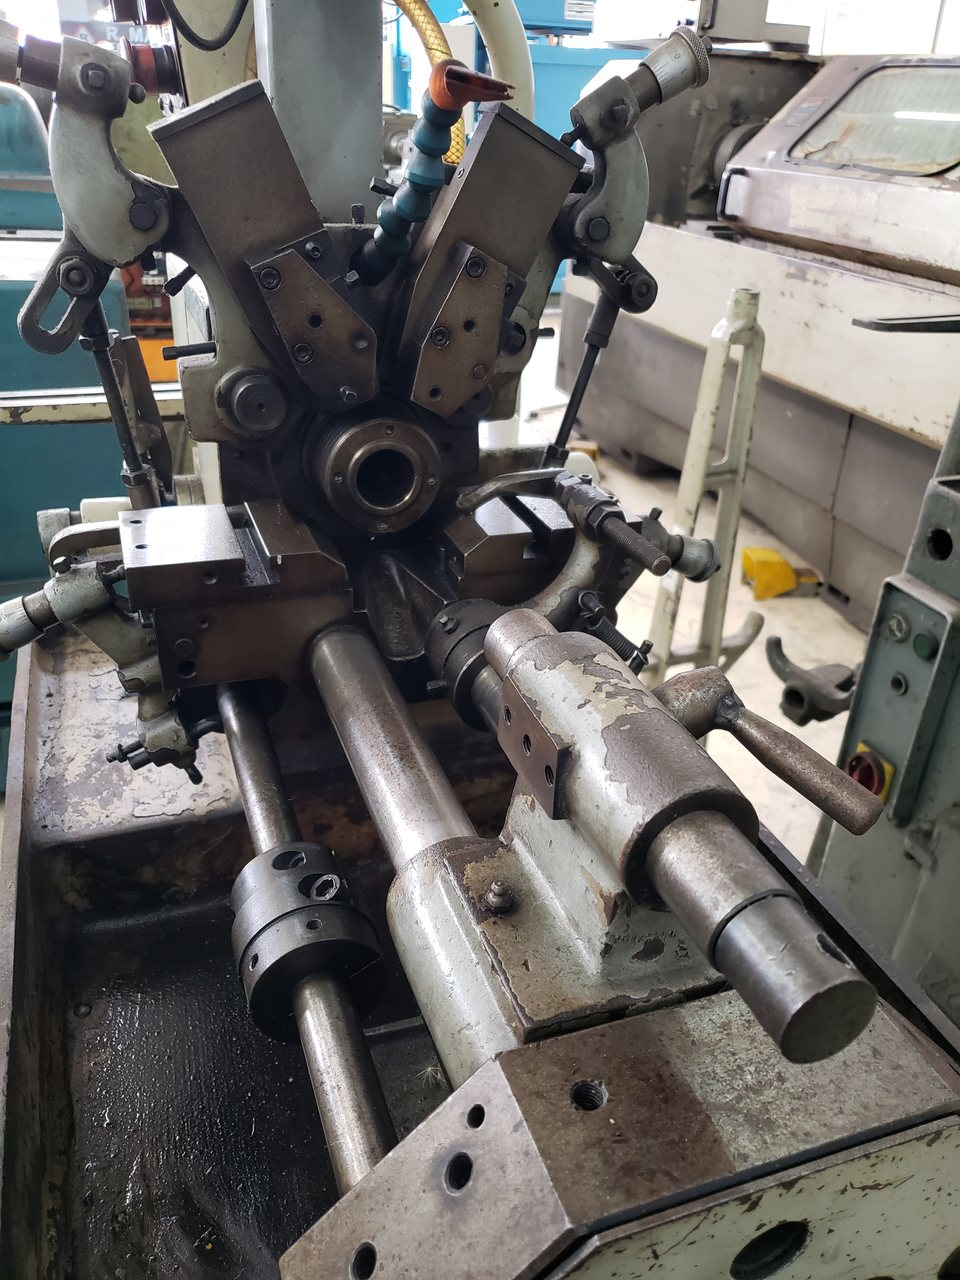 Torno Automatico Eletr. Atlasmaq 15mm/25mm, capa de acrílico, alimentador de barras - 380V - Pintura Original, Semi Novo (Usado)  - Atlasmaq